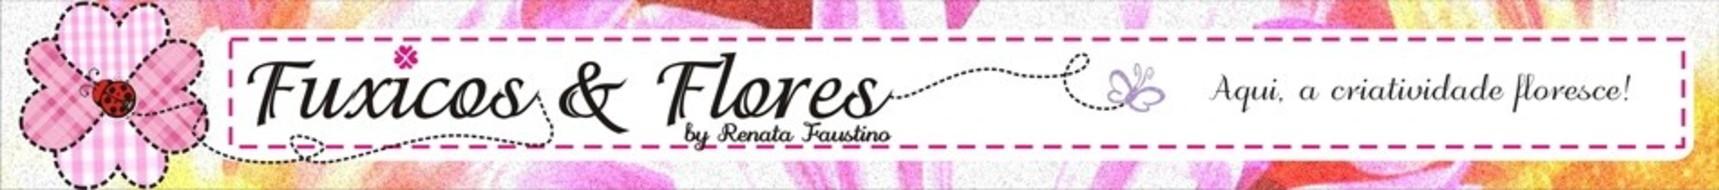 FUXICOS & FLORES